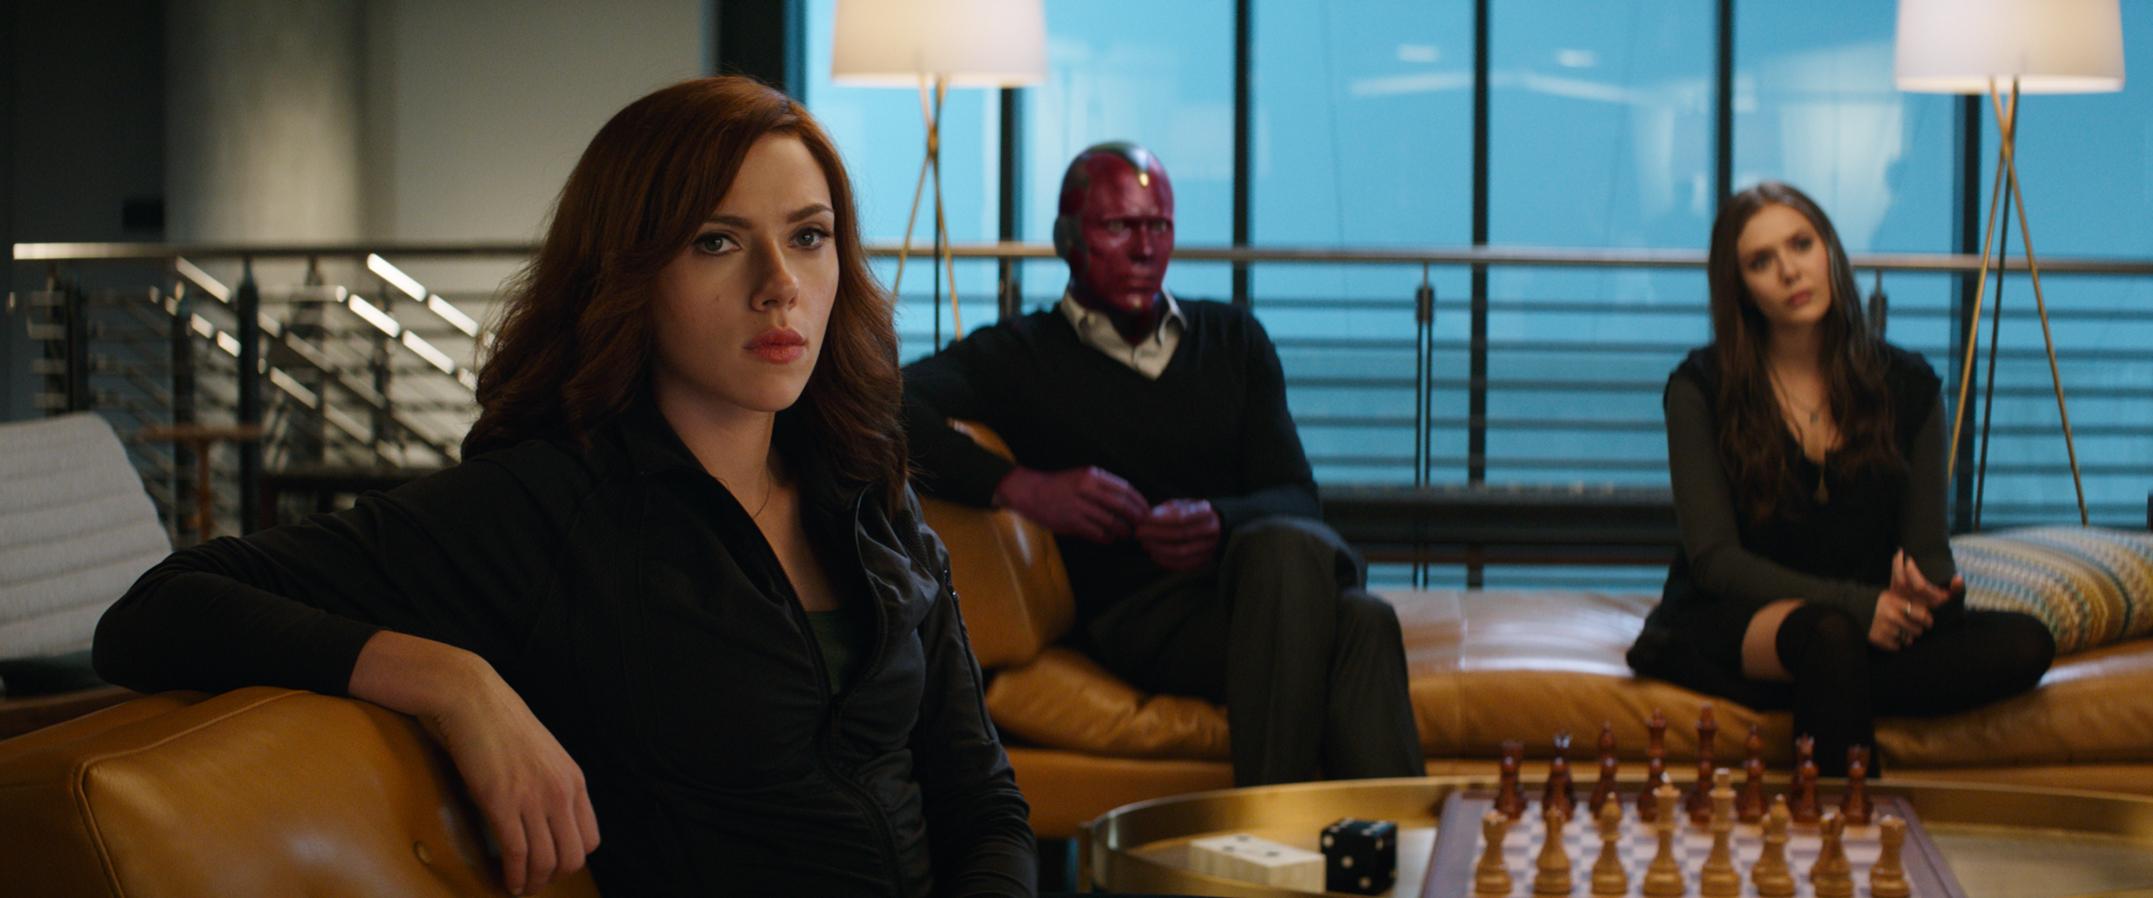 After Avengers: Endgame, Scarlett Johansson hopes to get